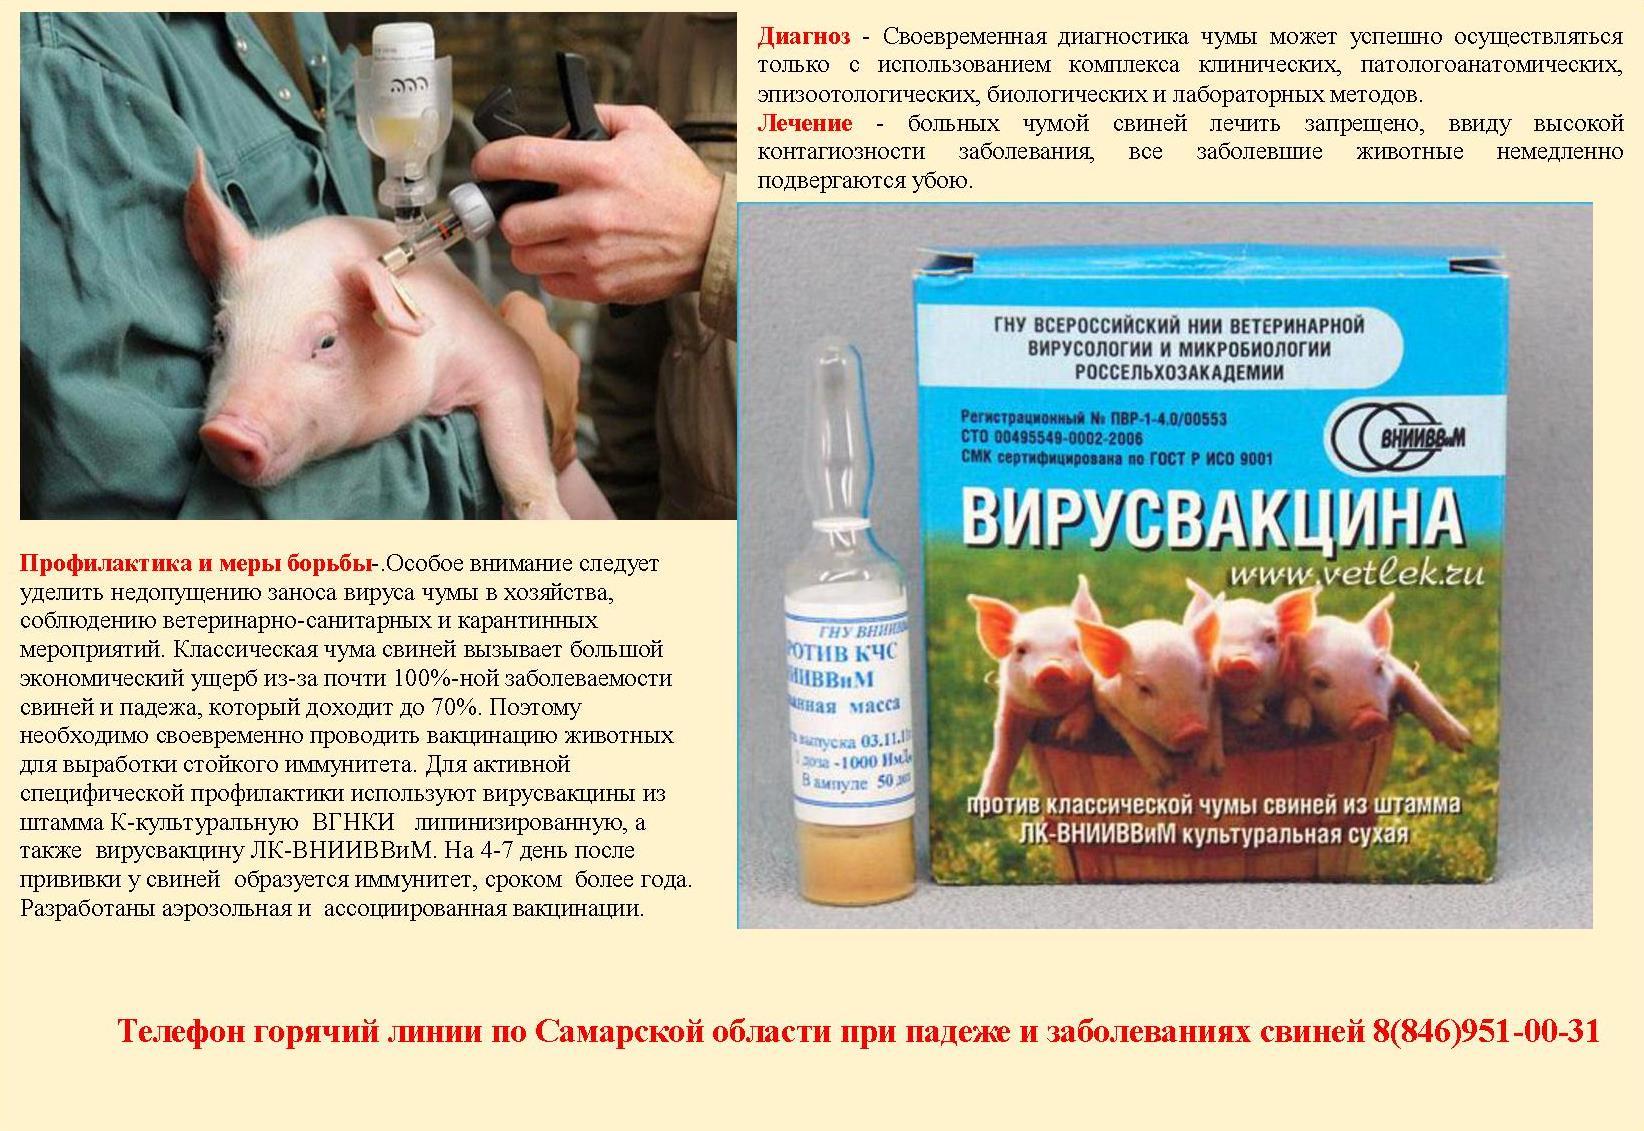 Акваприм – инструкция по применению антибиотика для птиц и животных